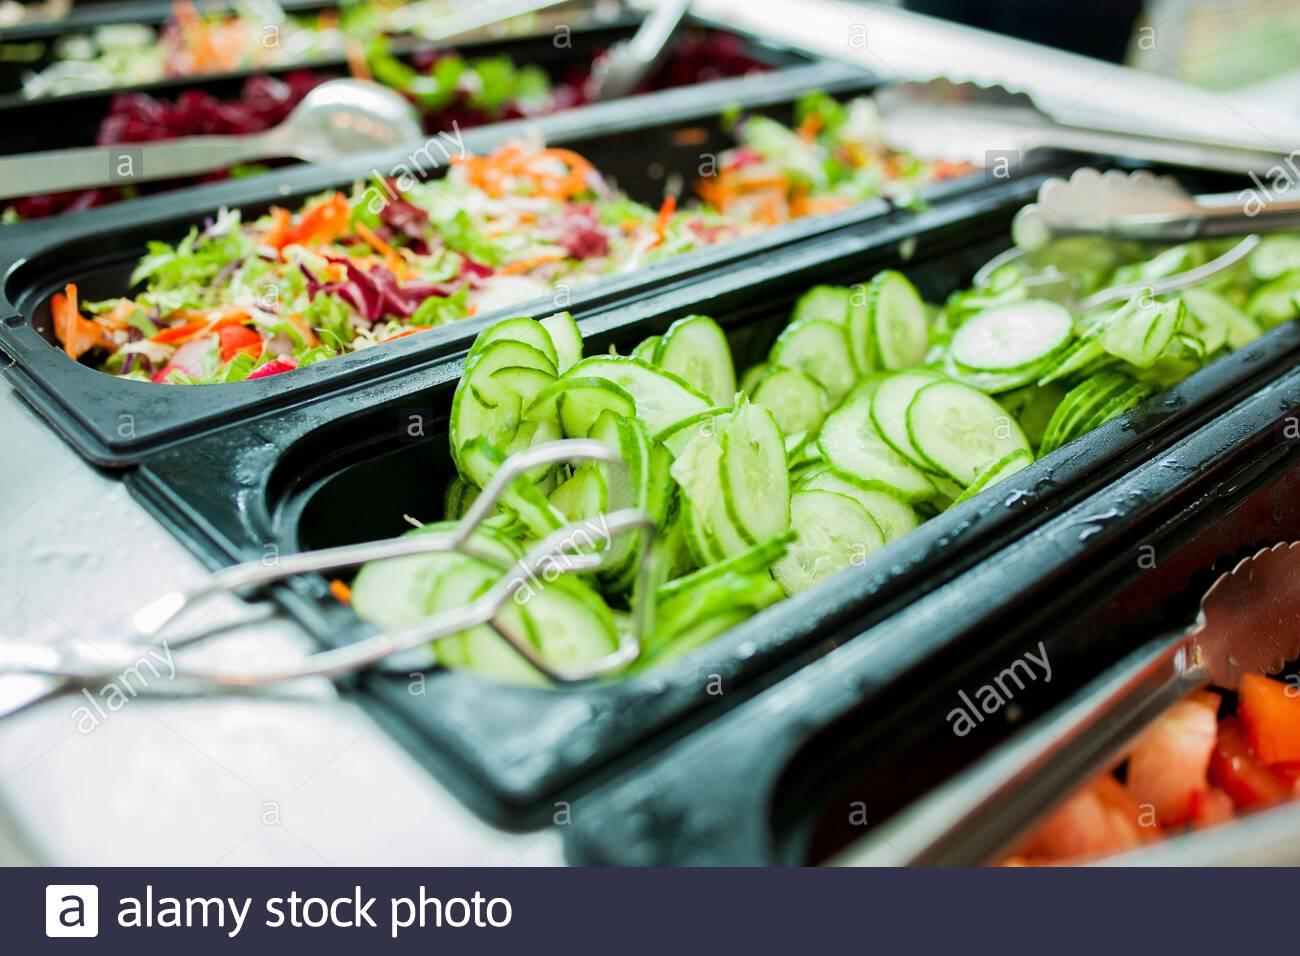 Gurke Salatbuffet mit einer Kantine und Salat en Foto de stock